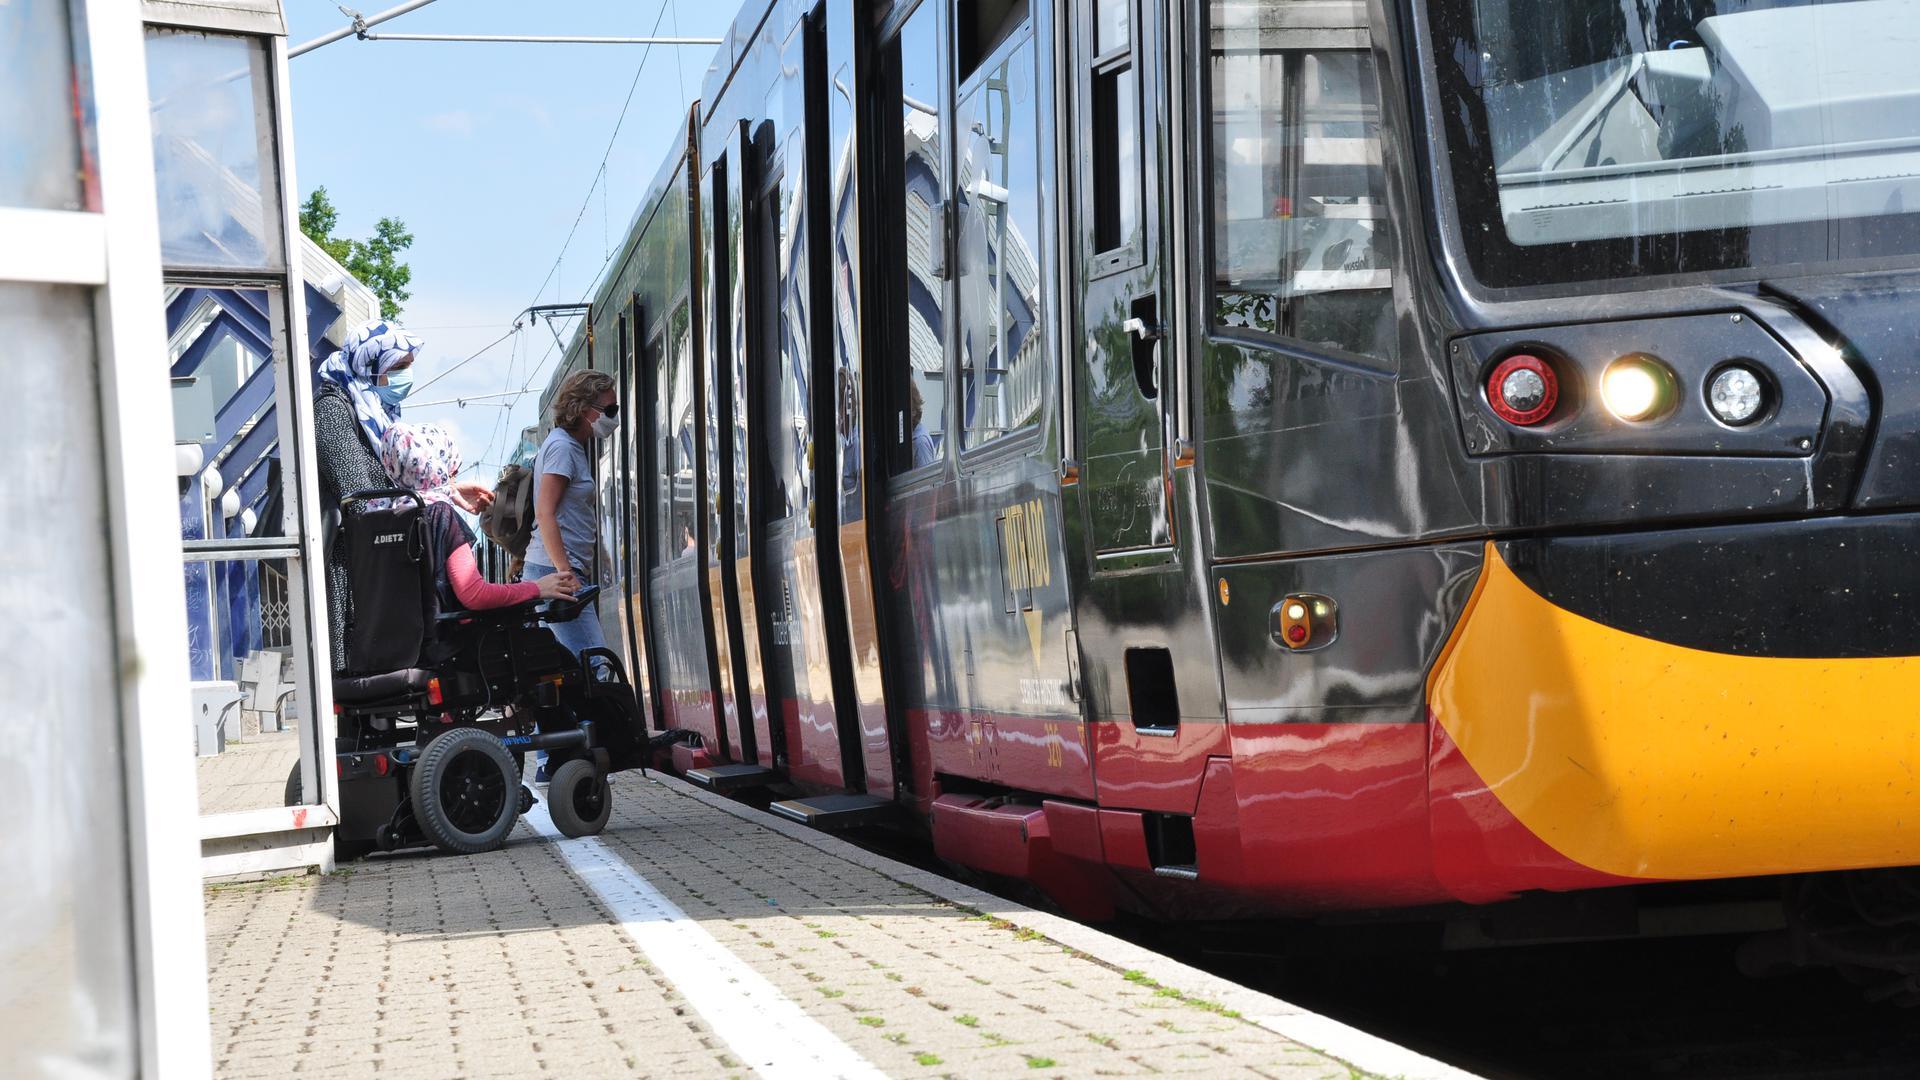 In Eggenstein-Leopoldshafen verkehrt die Linie S1/11 regelmäßig aus und in Richtung des Oberzentrums Karlsruhe. Barrierefreie Haltestellen sowie Echtzeitinformationssysteme gibt es aber noch nicht überall.